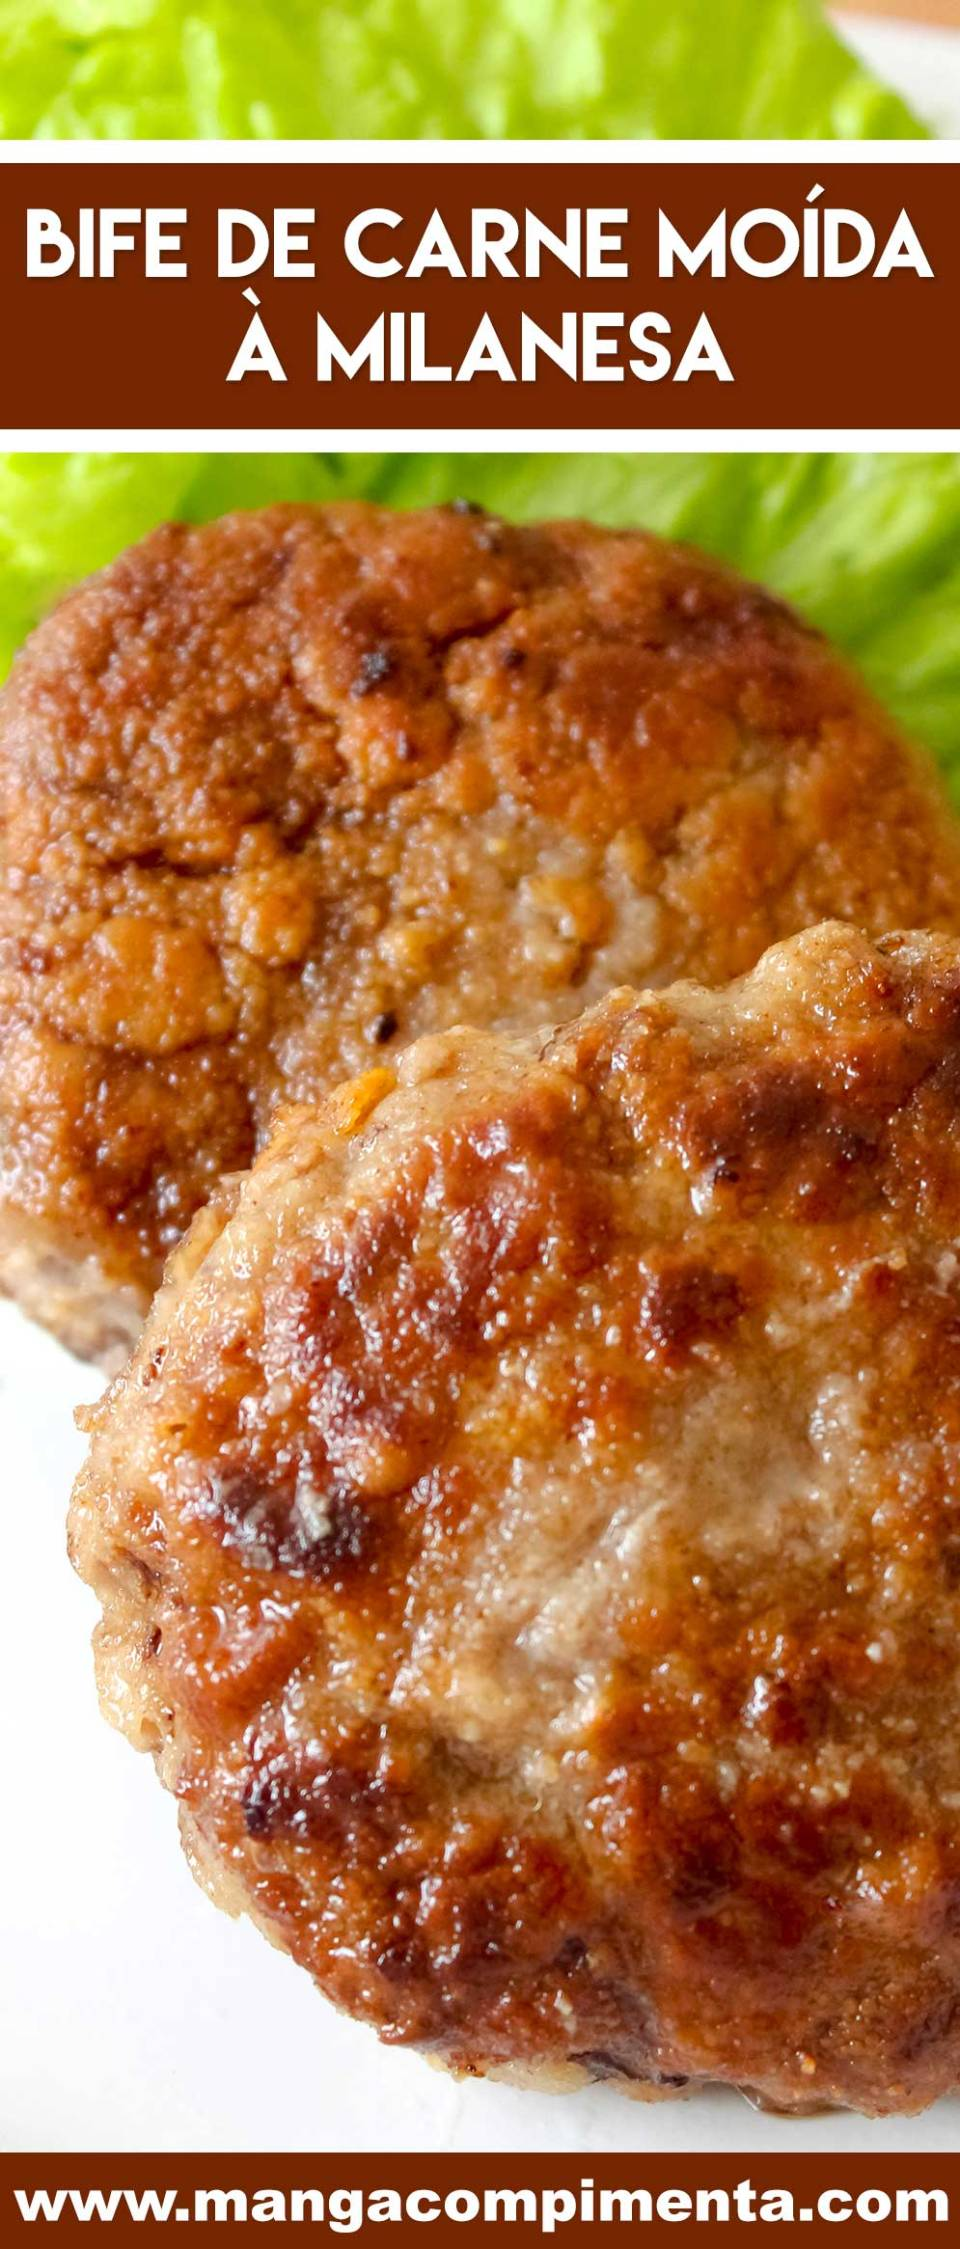 Receita de Bife de Carne Moída à Milanesa - um prato gostoso para o almoço ou jantar da semana!